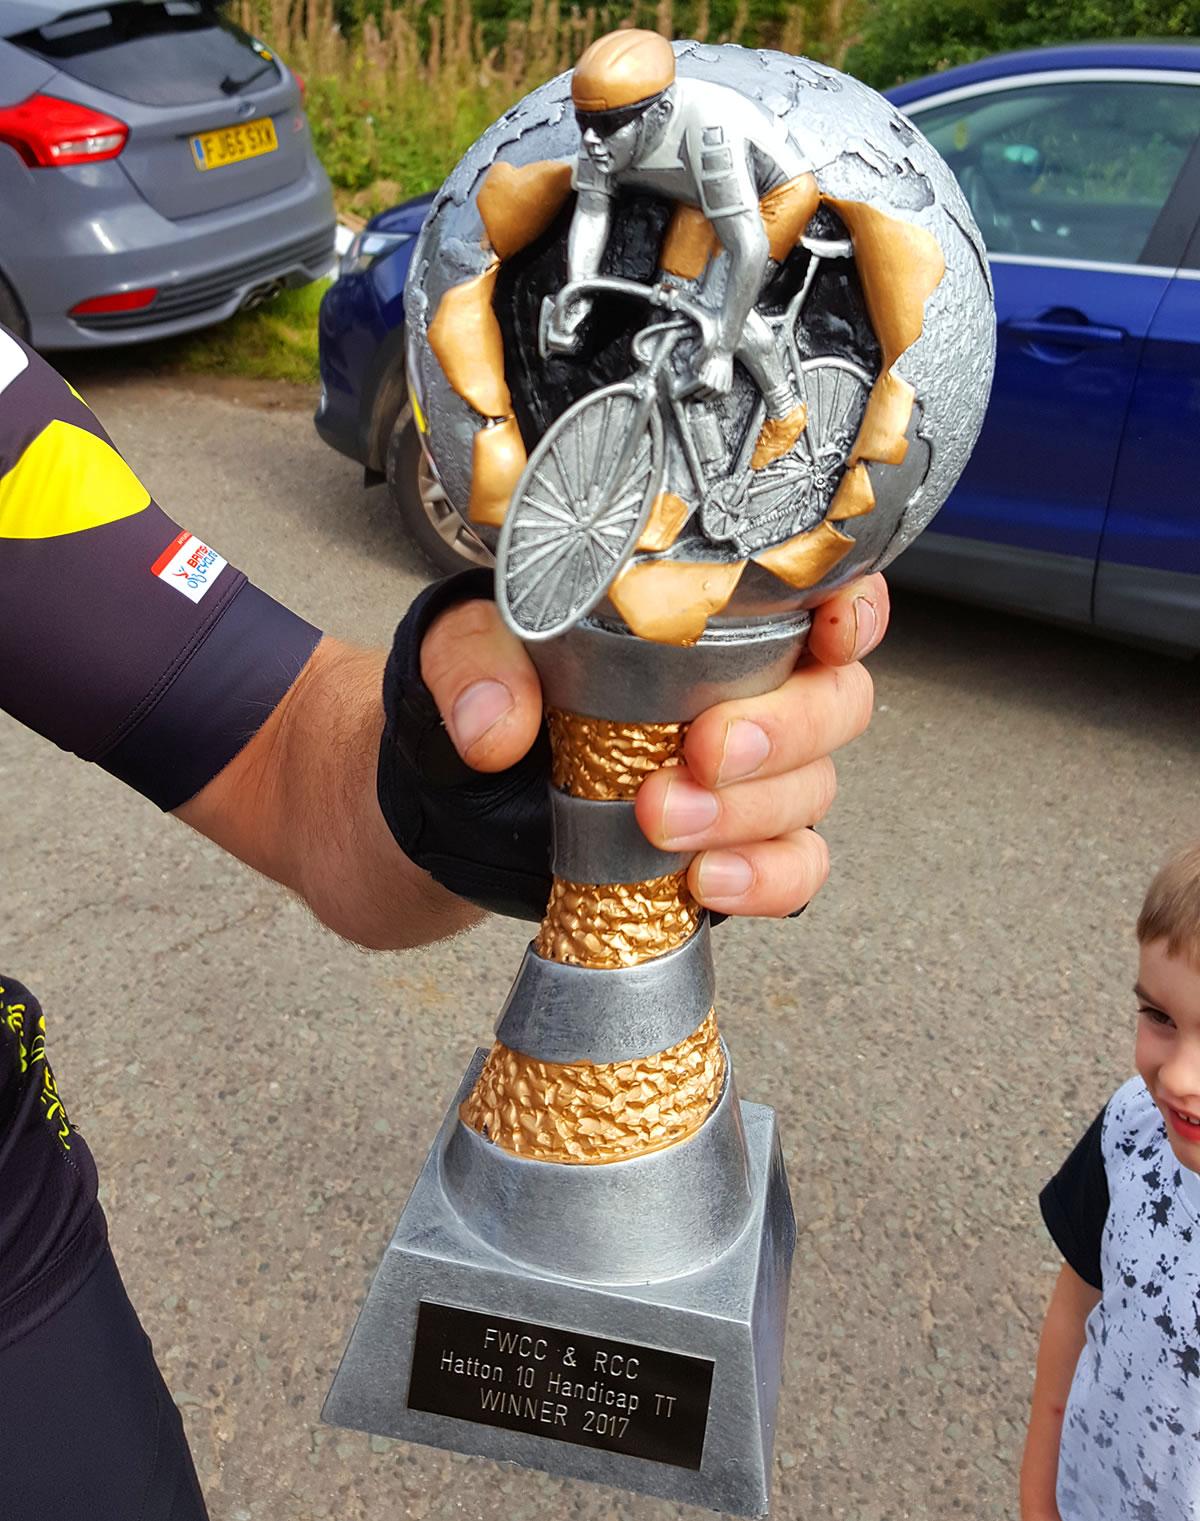 hatton 10 time trial winners trophy 2017